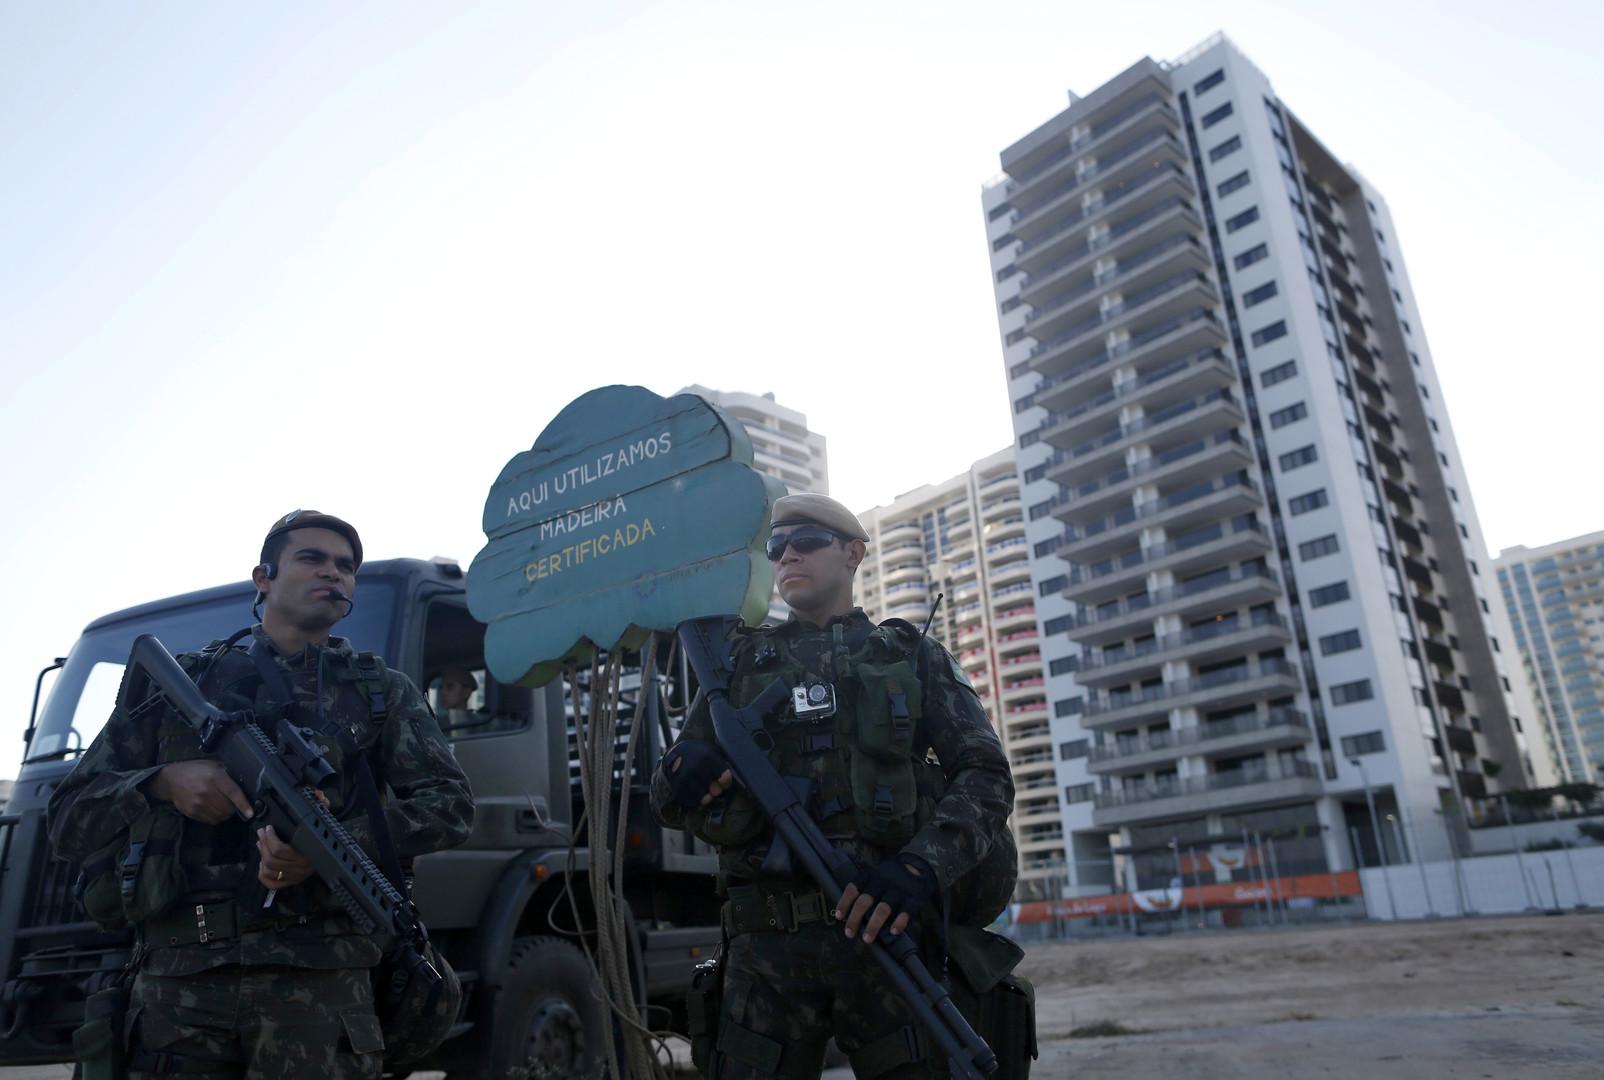 Polizei in Rio entdeckt olympische Drogen und kämpft mit Überfällen und Entführungen